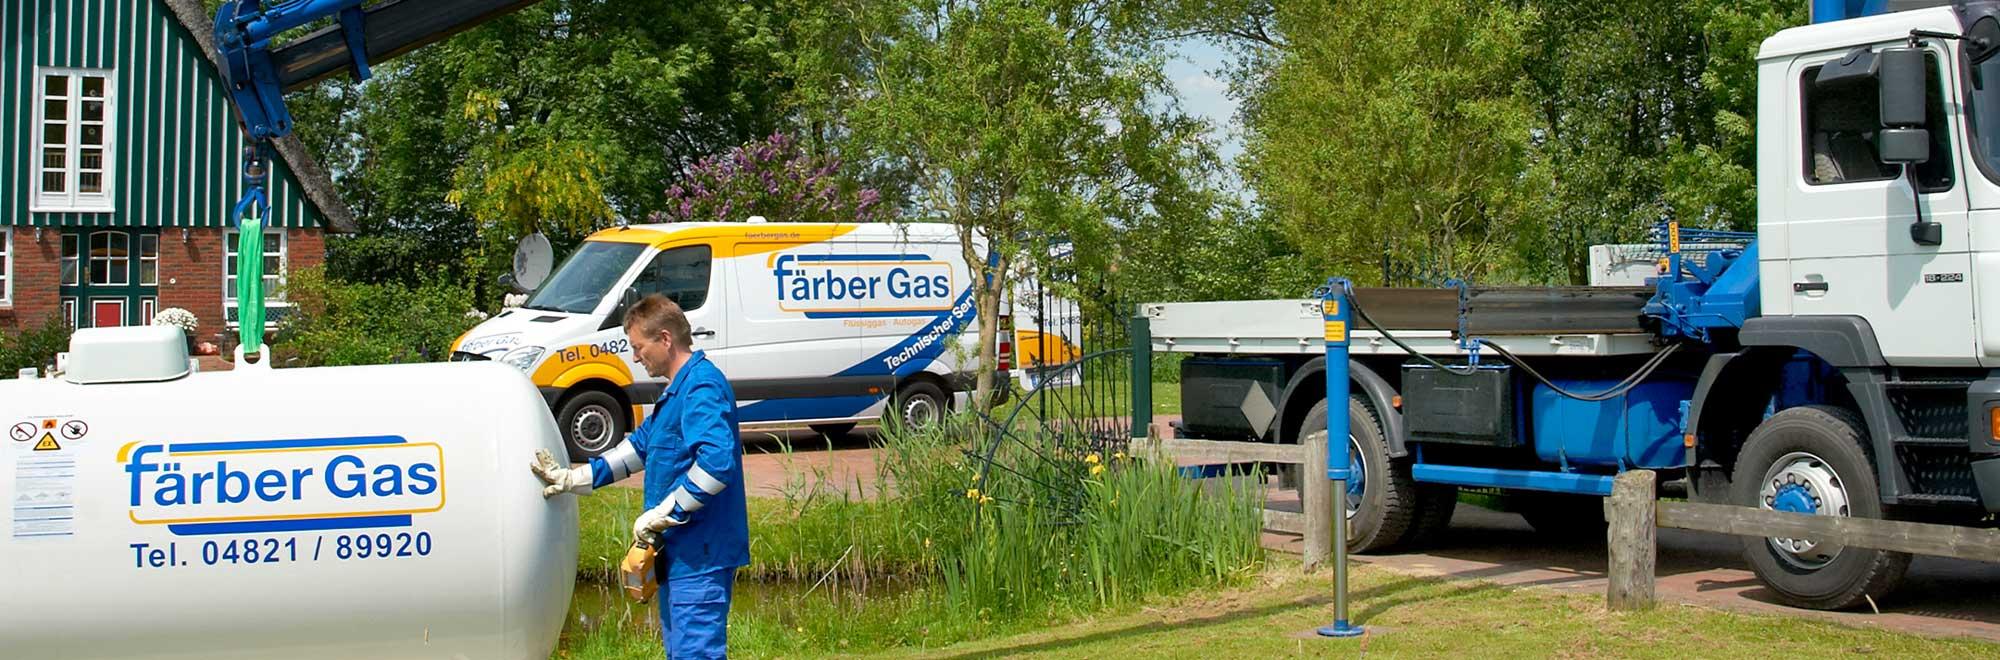 Färber Gas Flüssiggas Privatkunden Tankgas Lagerarten